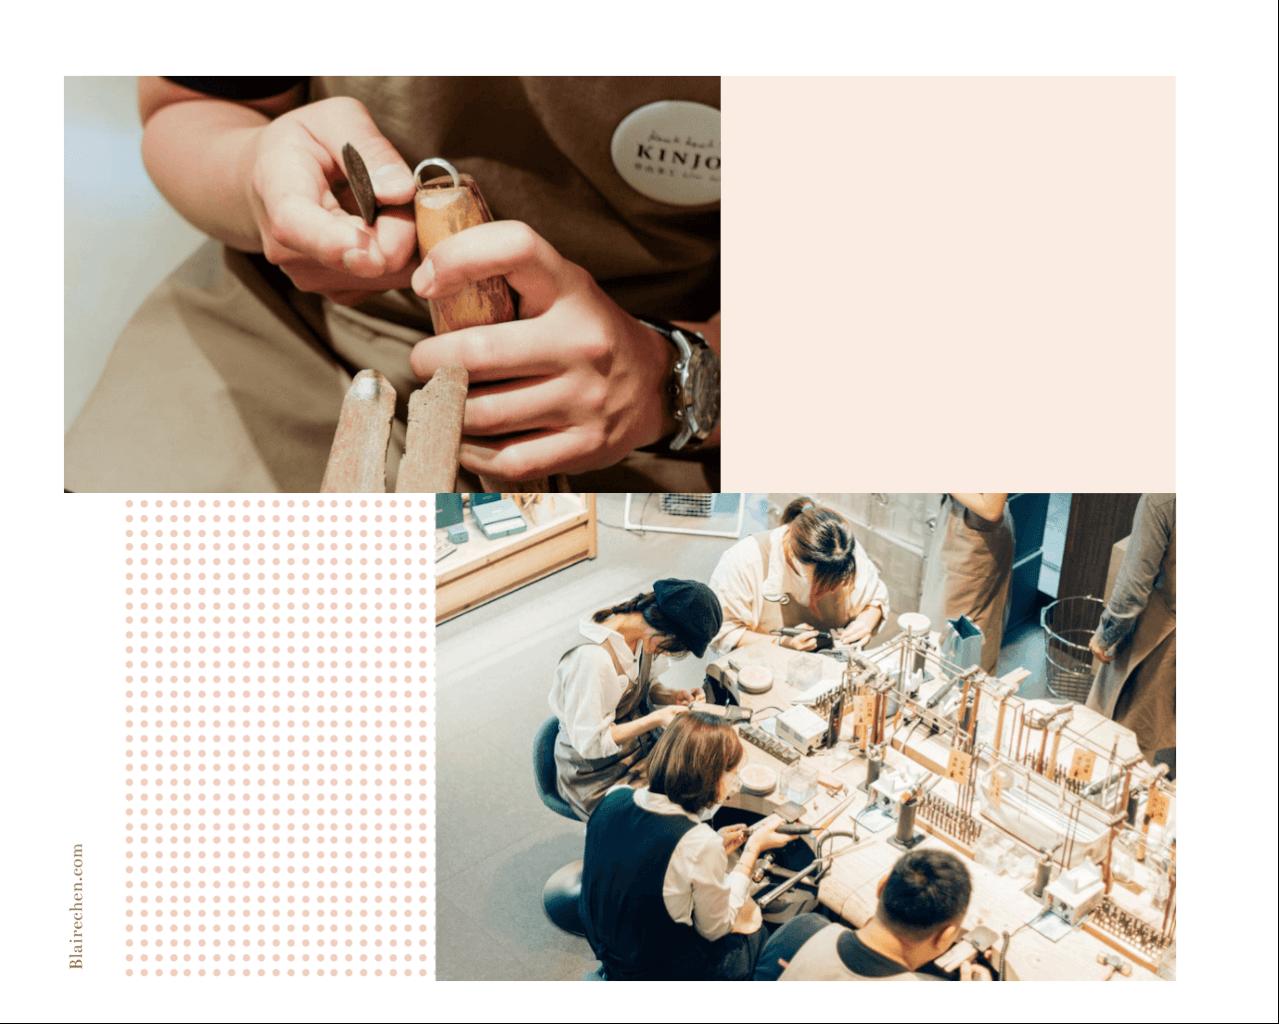 【台北手作戒指】|金工體驗課程推薦,DIY手作戒指一次就上手!一日工坊小主人就是你!